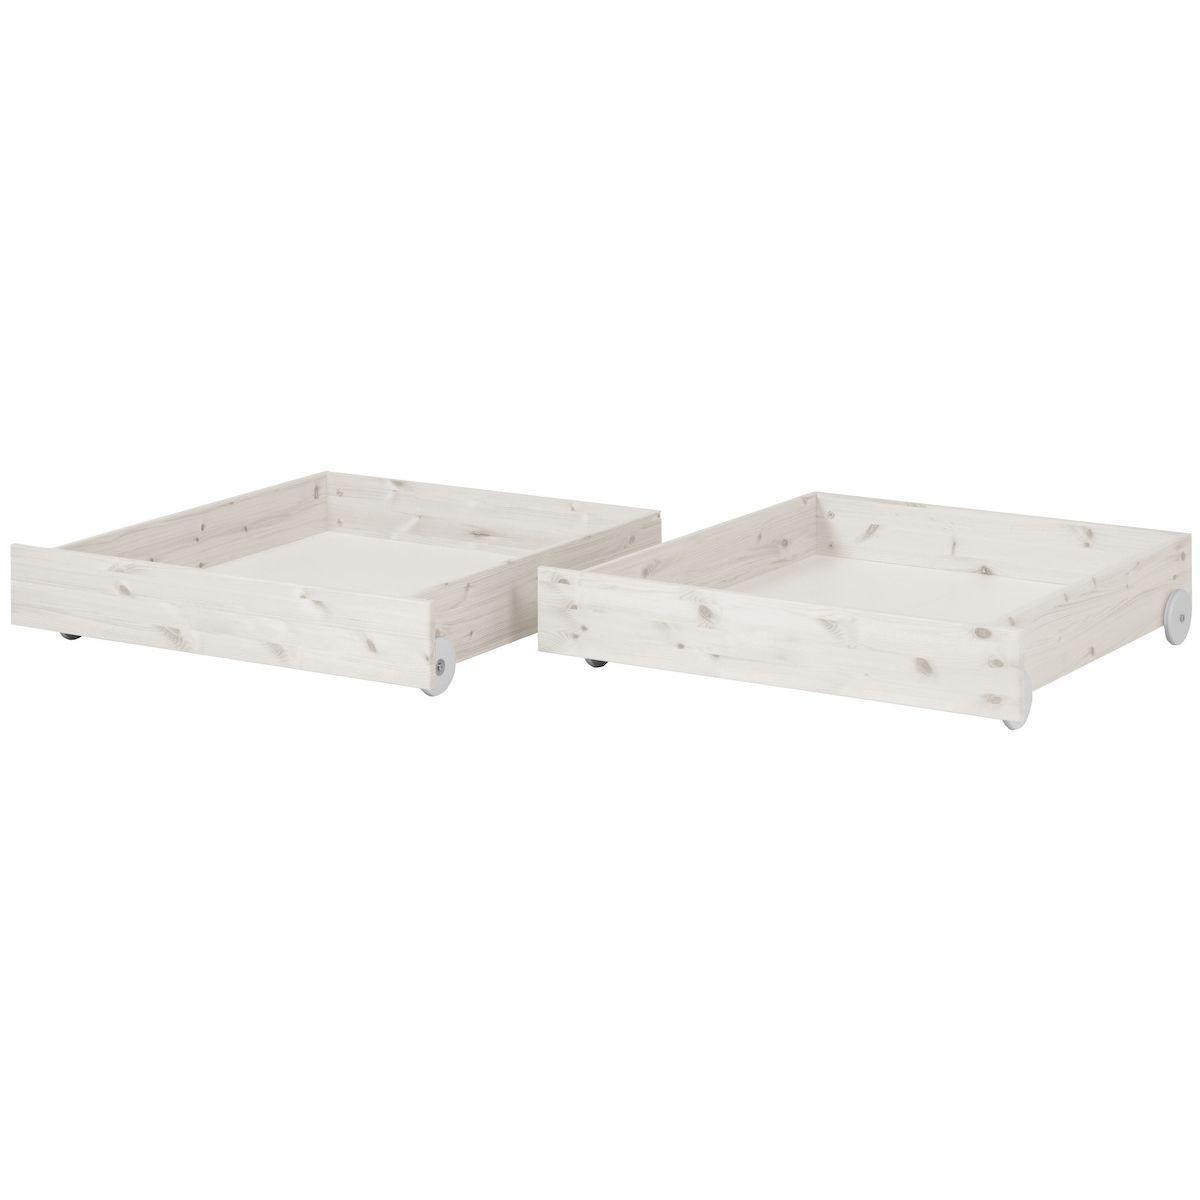 Schubladen 2 Stk. für Einzelbett 90x200cm CLASSIC by Flexa whitewash